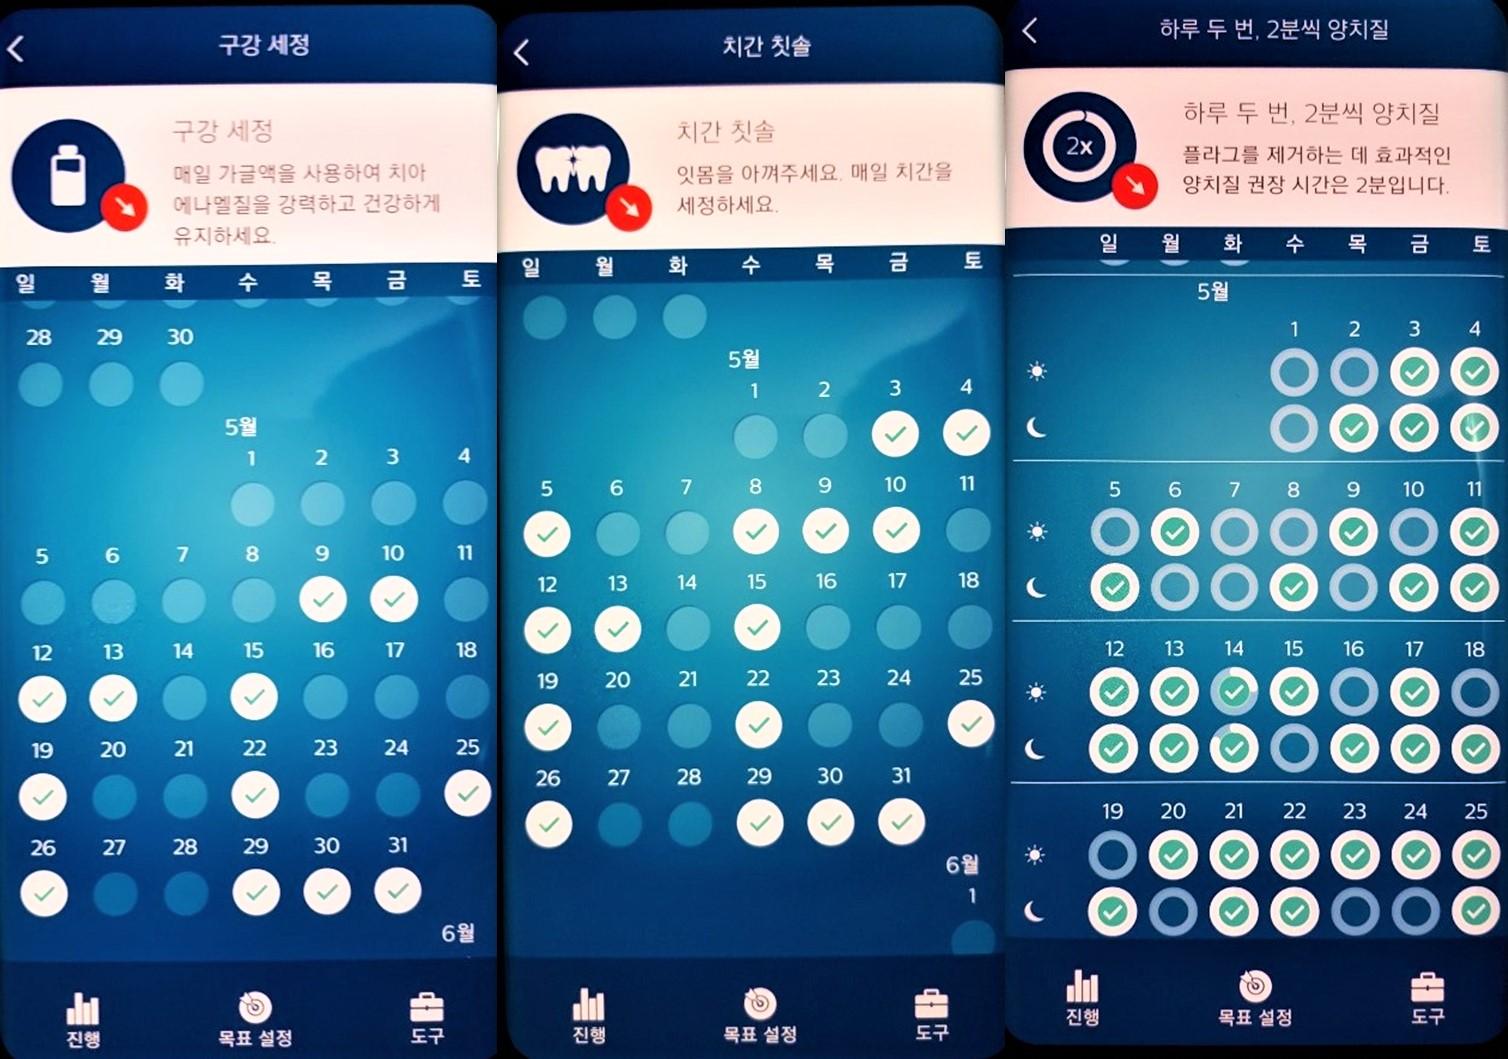 ▲ 칫솔질이 끝나면 'Sonicare' 앱에서 질문을 한다. 치실을 사용했는지, 가글은 했는지, 프라그가 제거 되었는지 물어본다. 날짜별로 매일 체크를 한다.